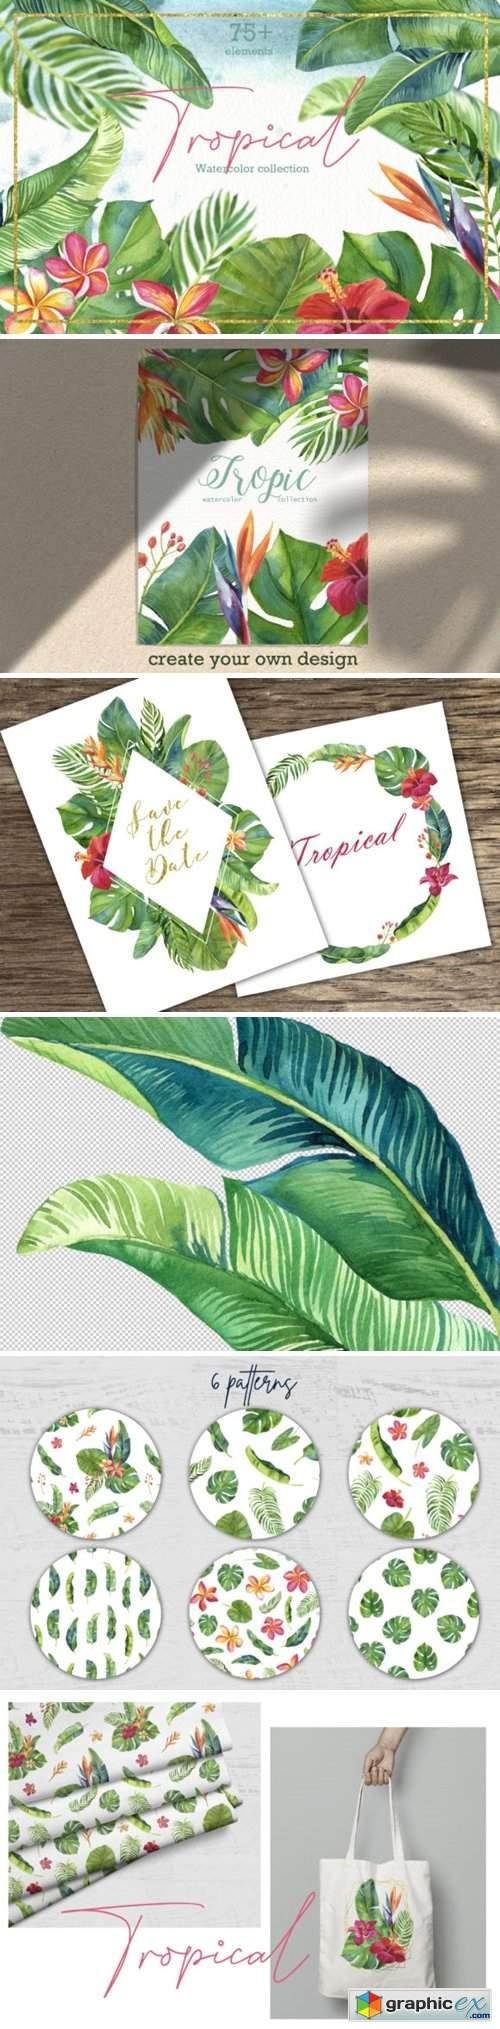 Tropic Leaves & Flowers Watercolor Set